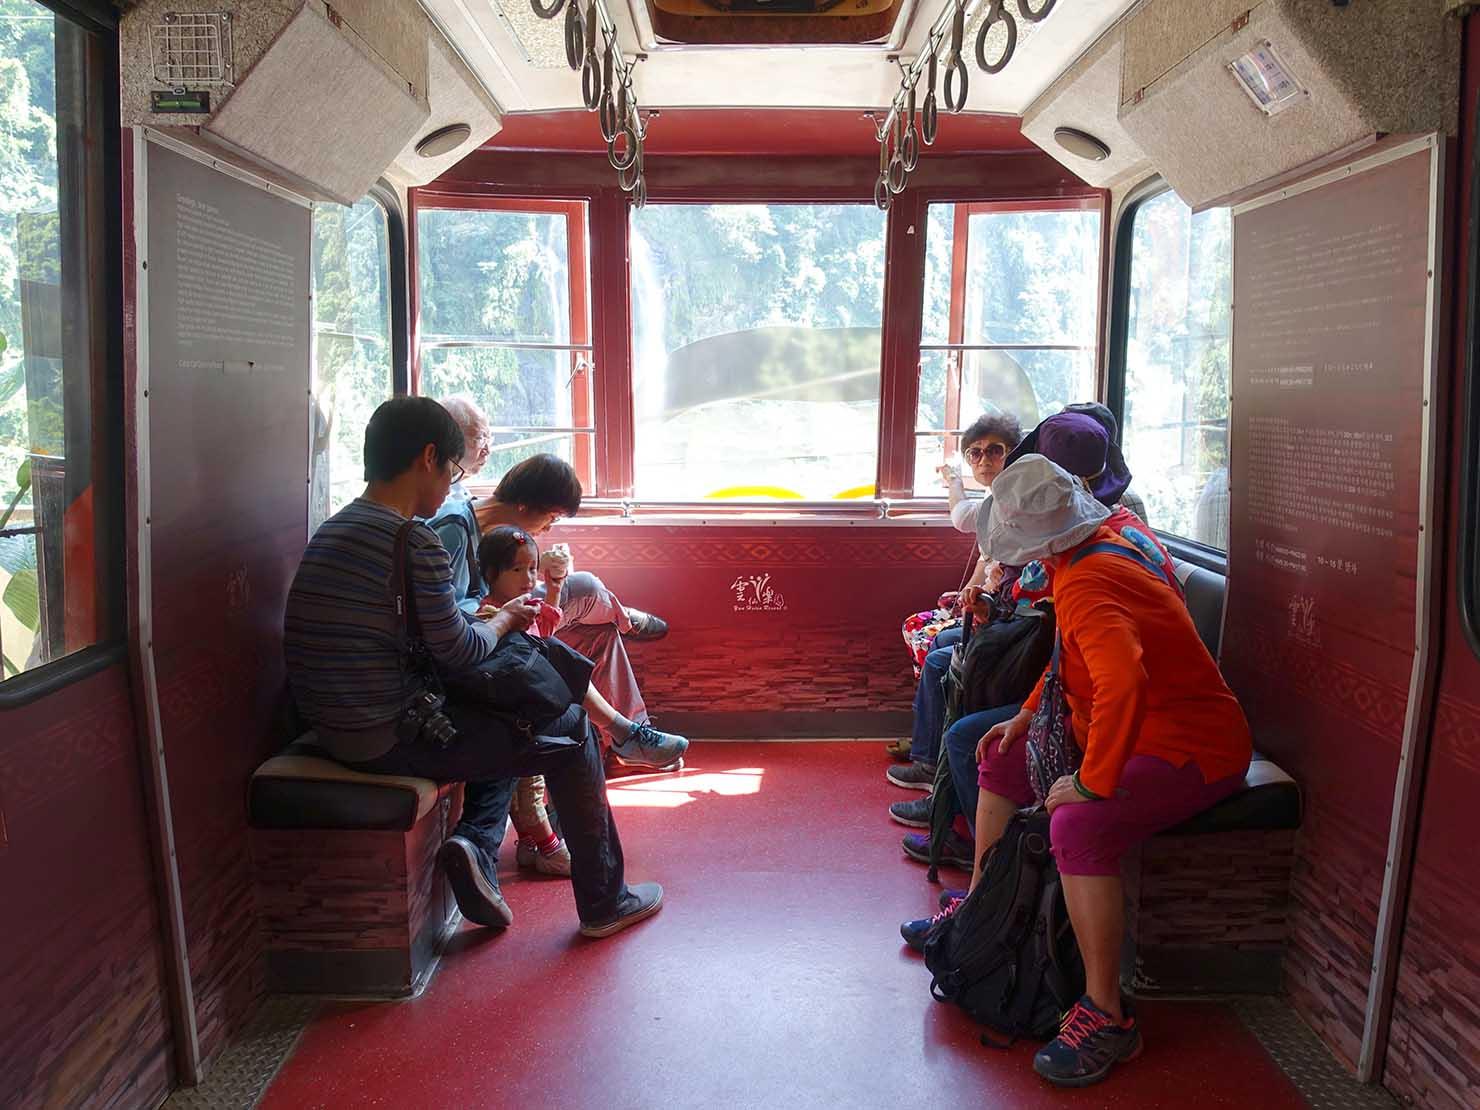 台北・烏來温泉から行けるテーマパーク「雲仙樂園」のロープウェー車内